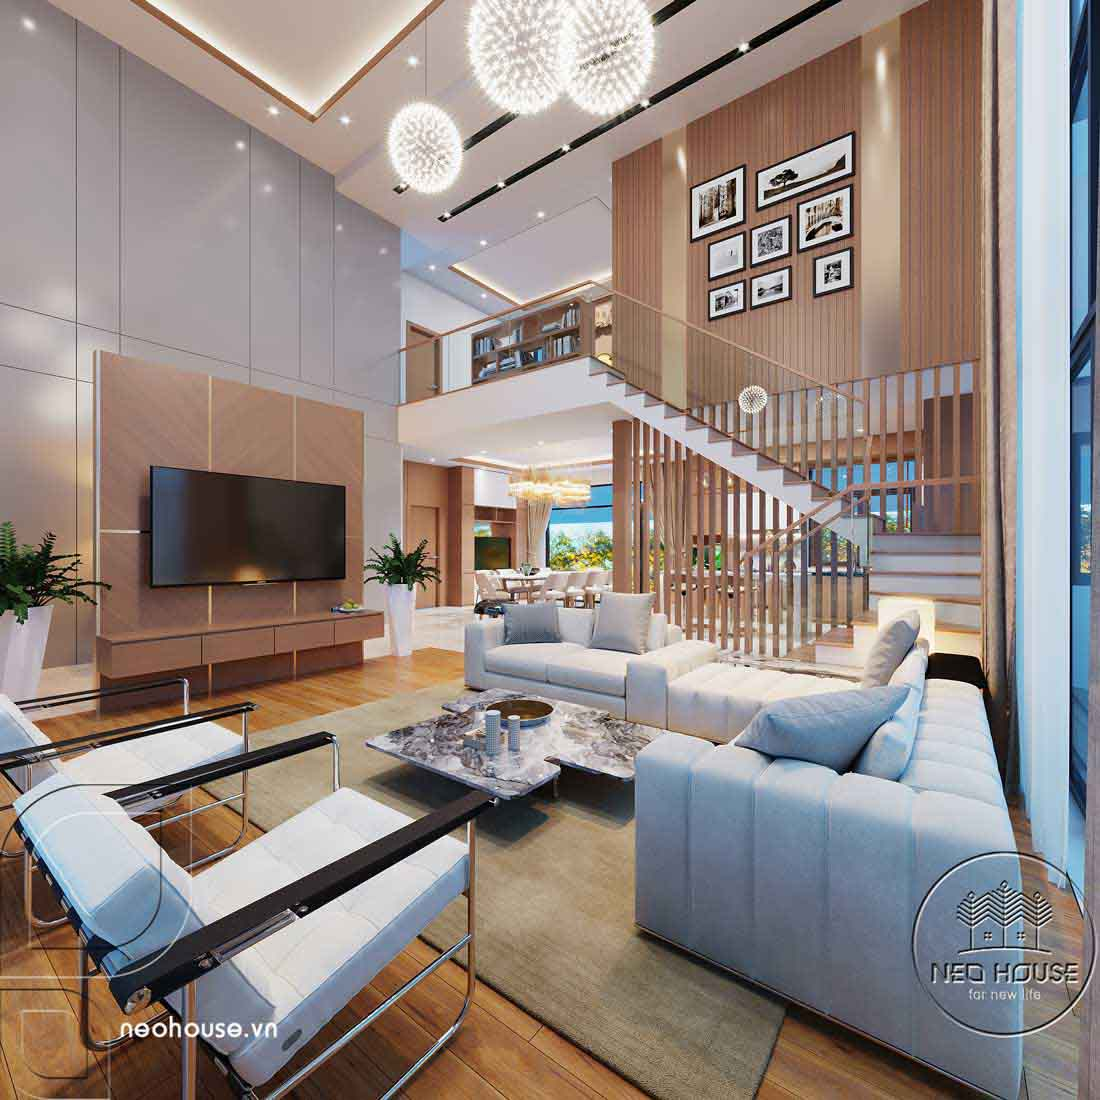 Thiết kế nội thất biệt thự cao cấp 2 tầng. Ảnh 1